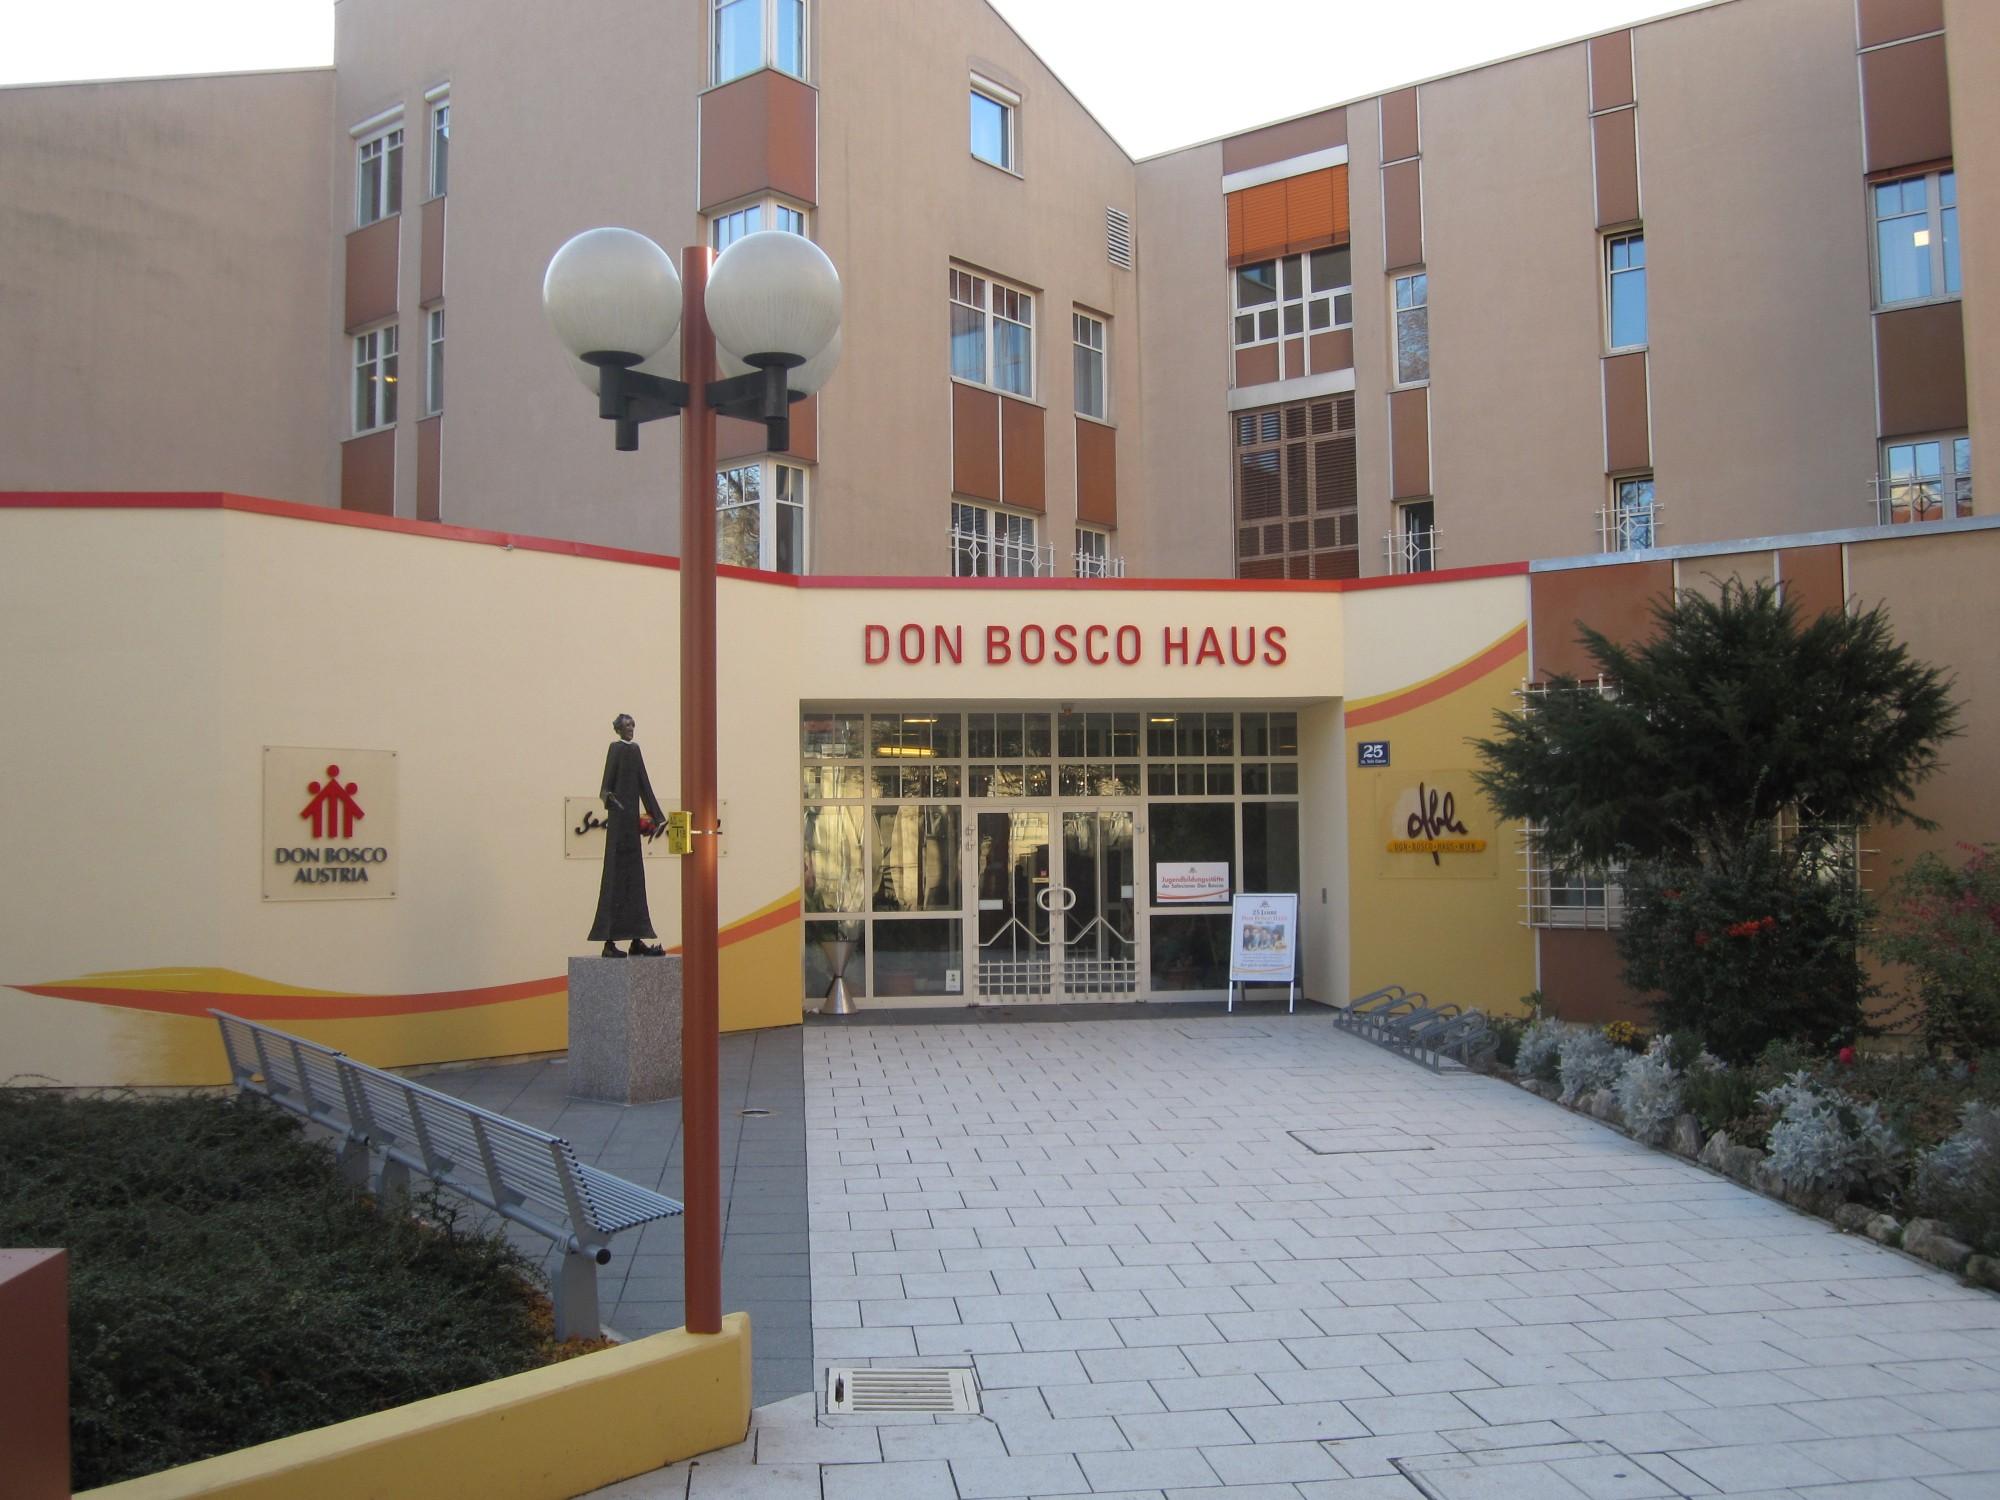 File 1130 St Veit Gasse 25 Don Bosco Haus Img 3676 Jpg